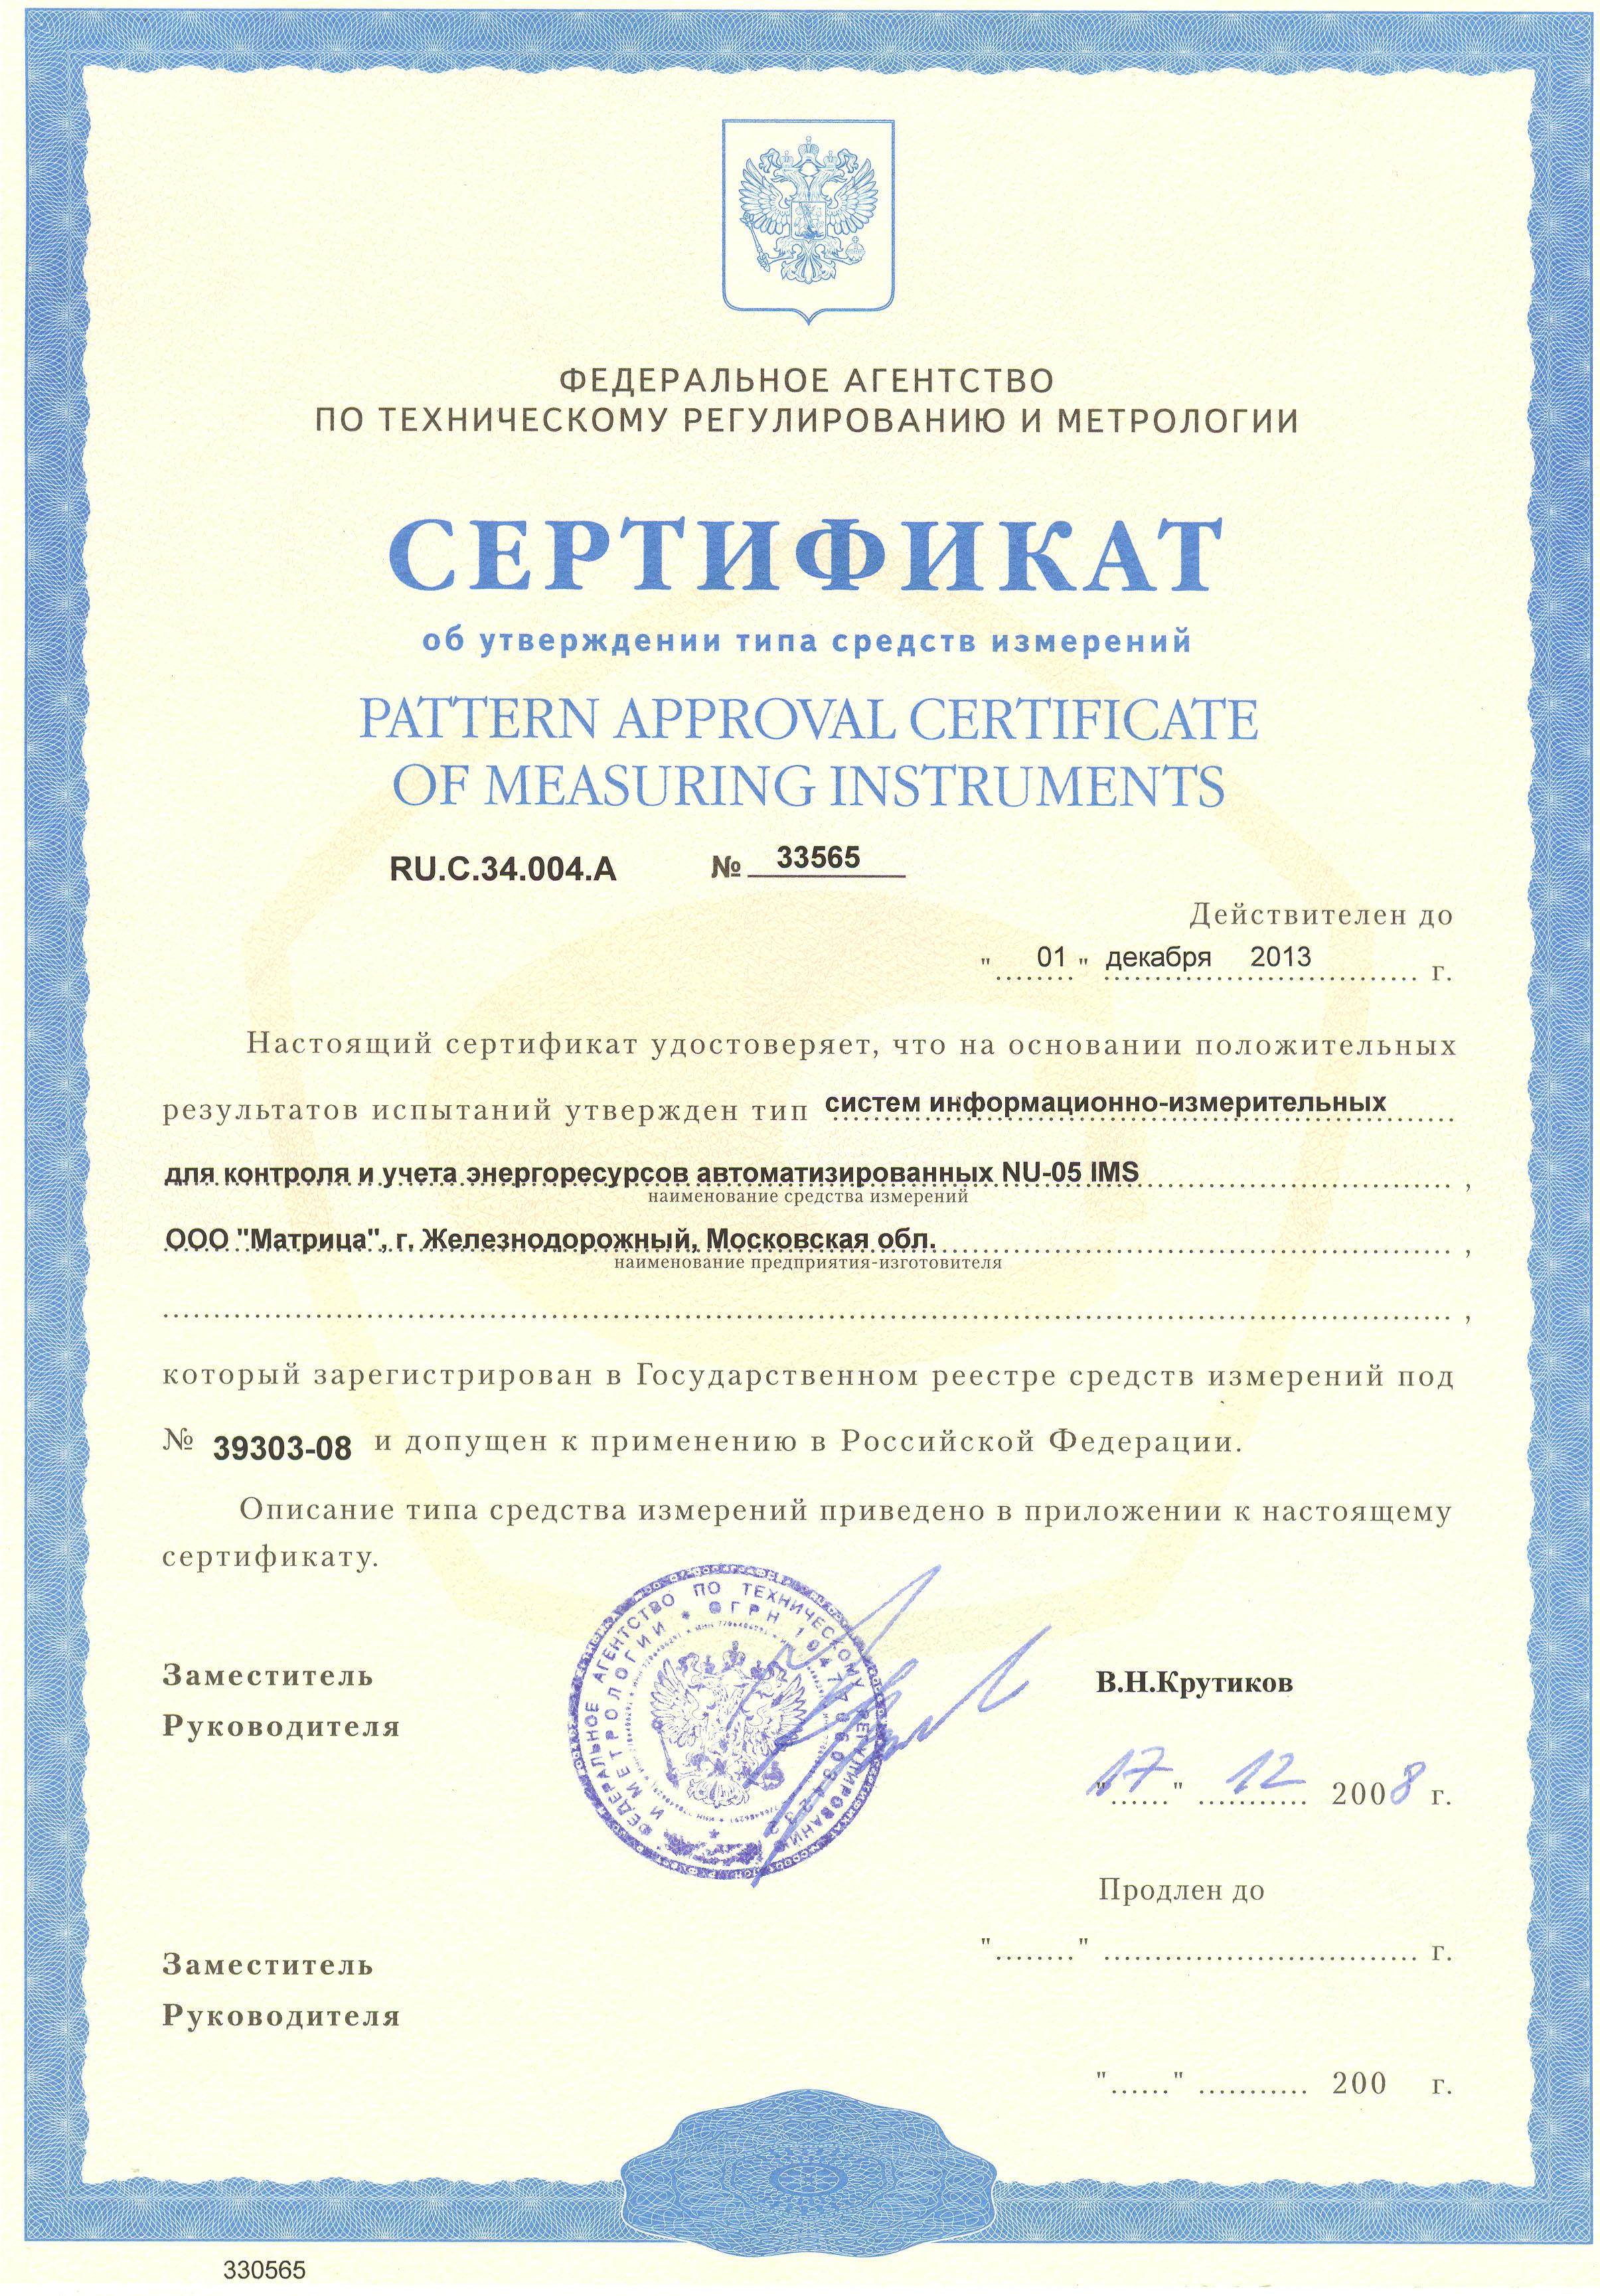 Сертификат об утверждении типа средств измерений Системы информационно-измерительные для контроля и учета энергоресурсов автоматизированные NU-05IMS